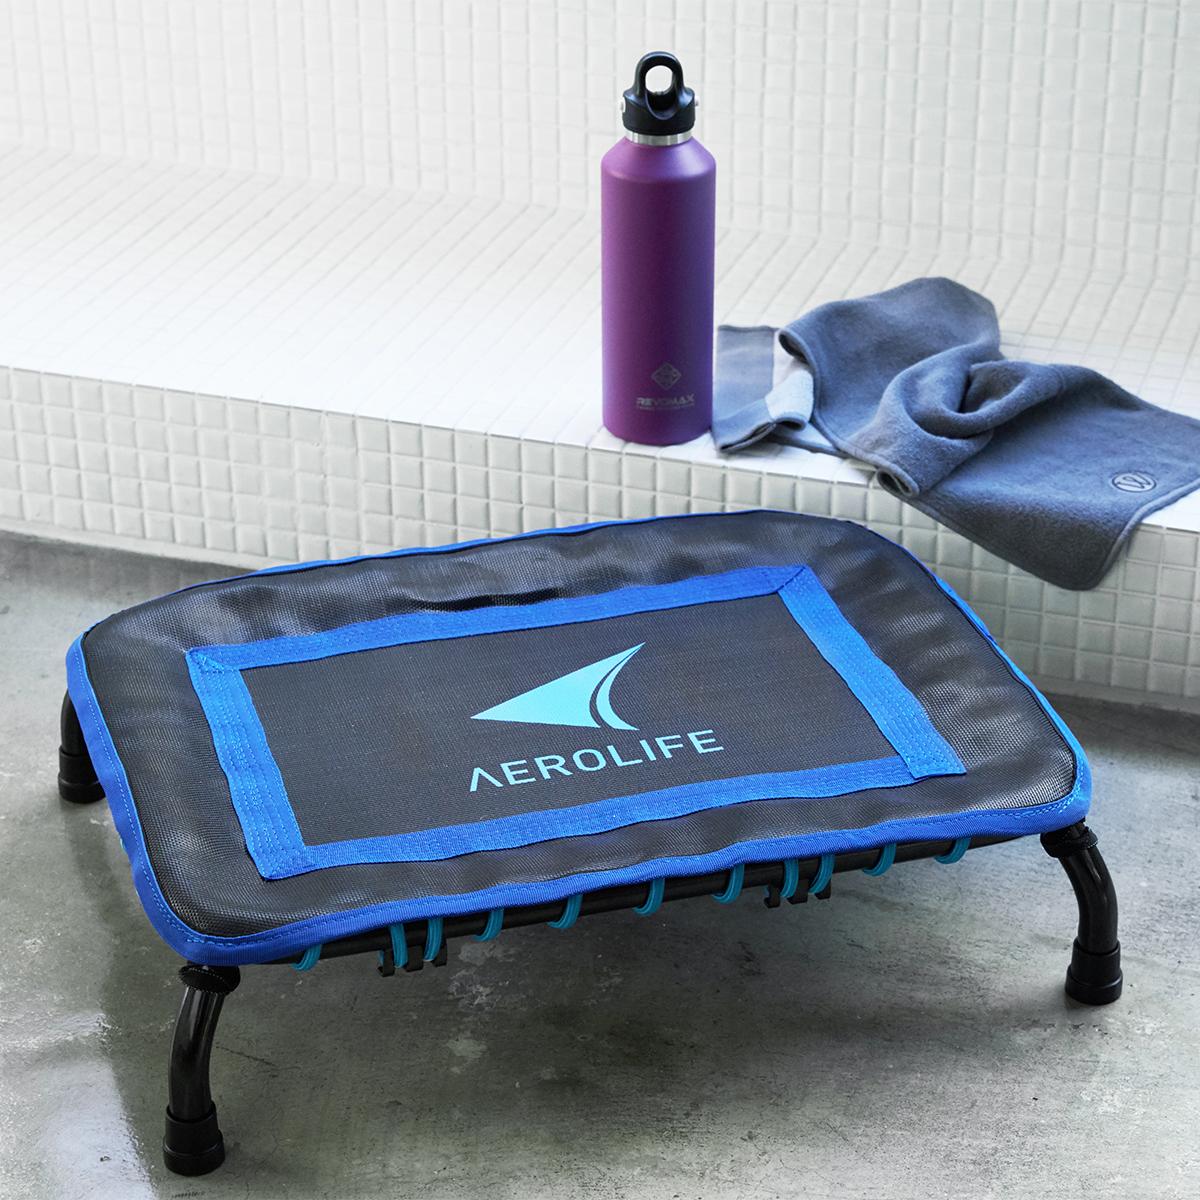 『AEROLIFE(エアロライフ)』は、組立ていらず。届いたら、すぐトレーニングを始められるところも、うれしいポイントです。小ぶりサイズなので、使わない時は、部屋の隅に置いておけば、ジャマになりません。ミニサイズのトランポリン「ミニジャンパー」|AEROLIFE(エアロライフ)